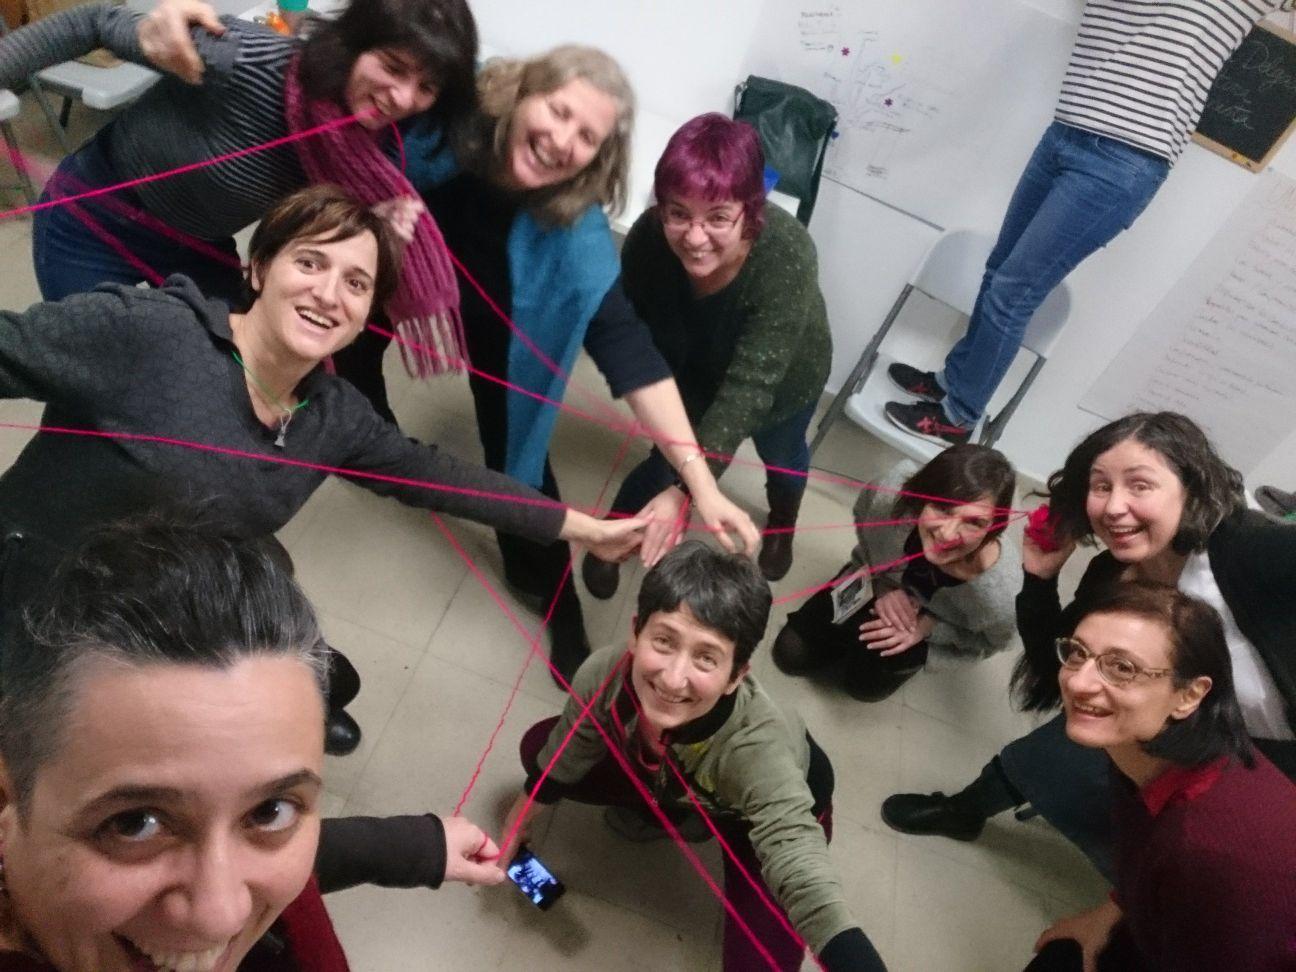 taller de desarrollo personal en madrid - foto de grupo